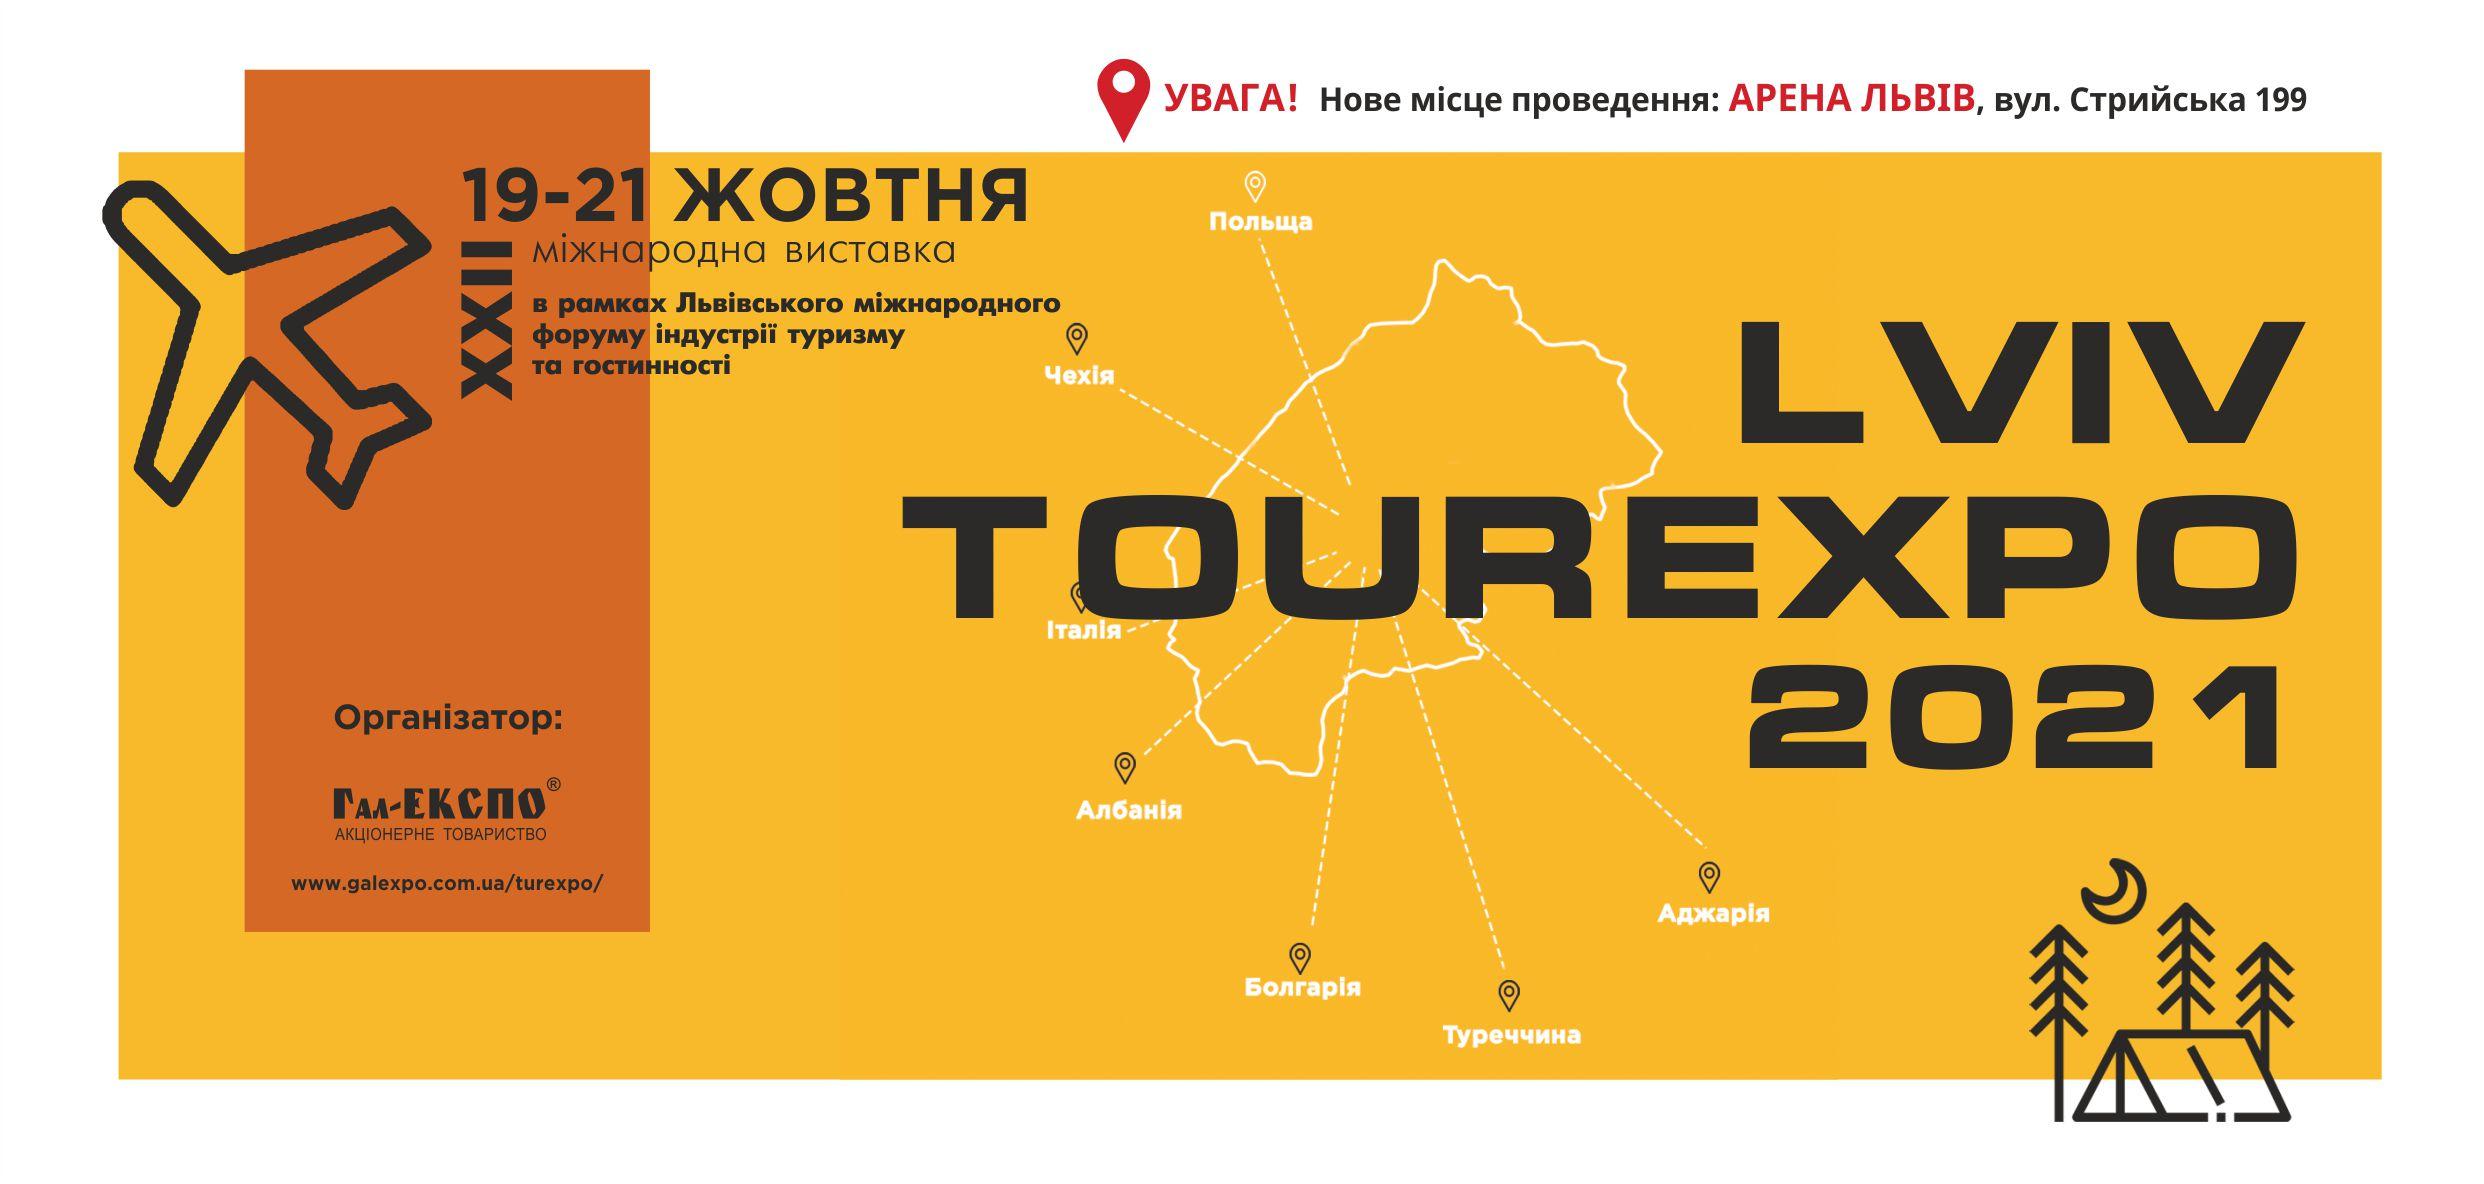 Форум індустрії туризму, гостинності, міжнародна виставка ТурЕКСПО - обговорення актуальних проблем розвитку туризму та шляхів їх вирішення.